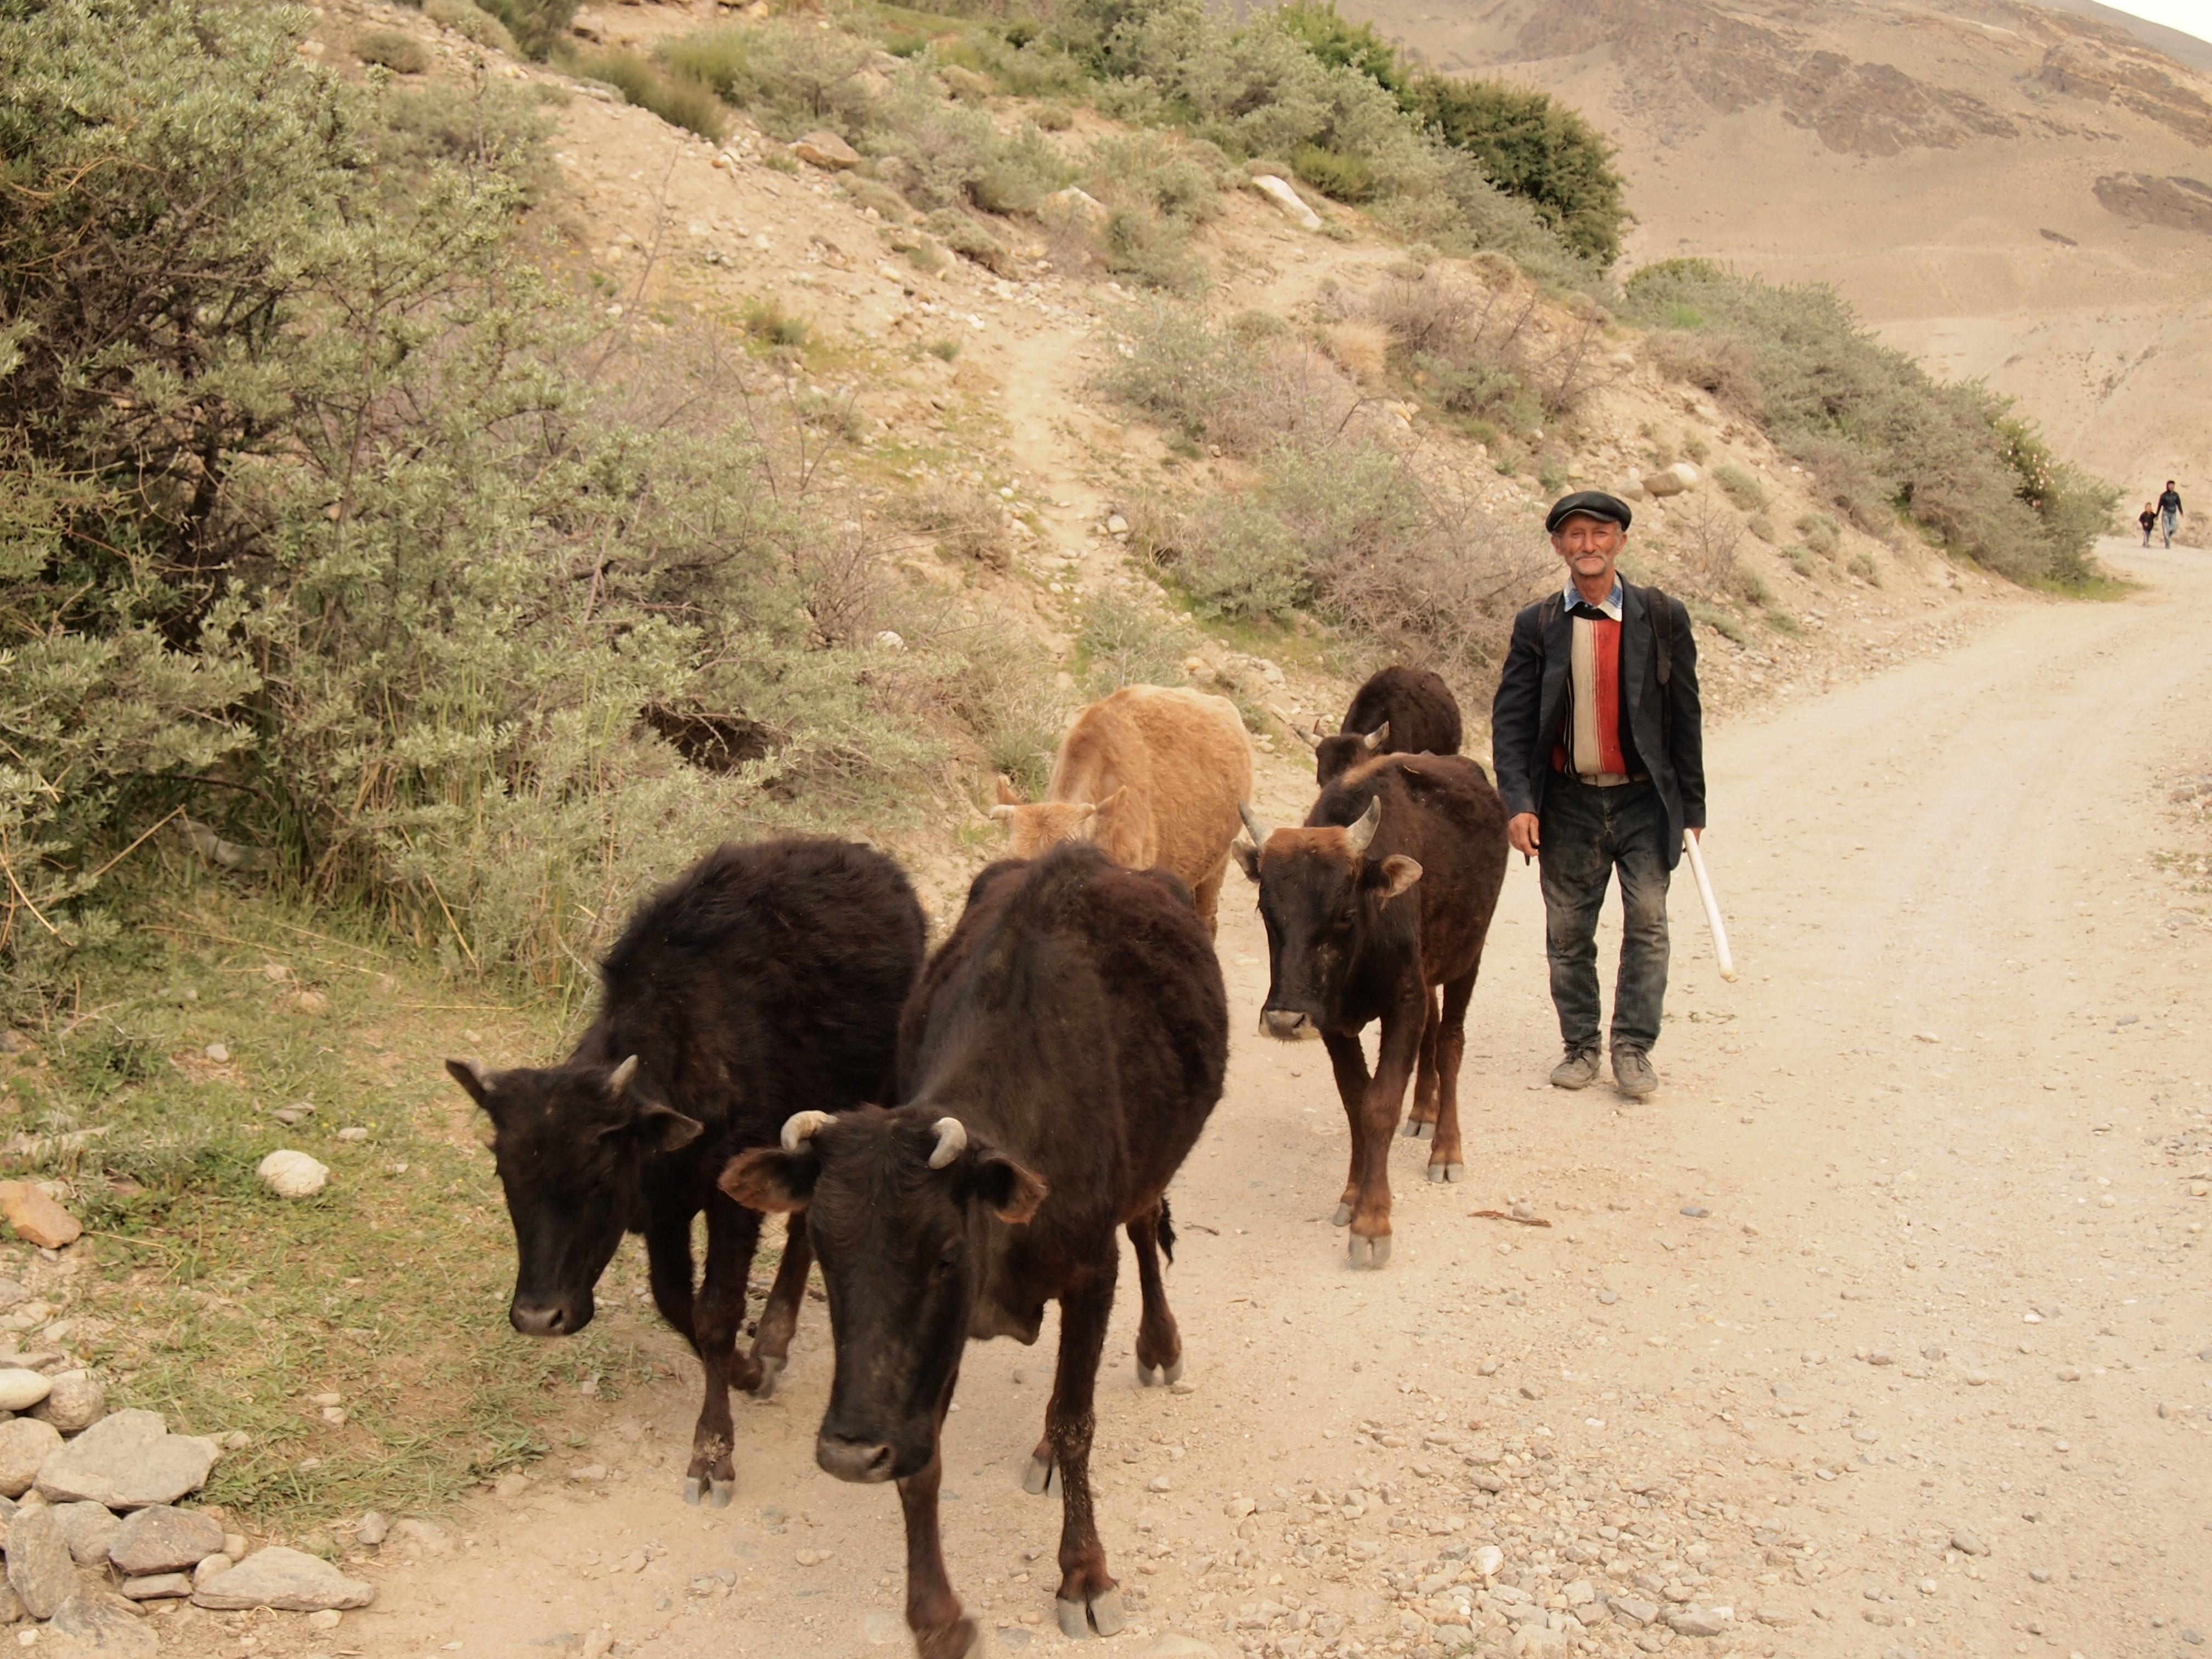 タジキスタン,温泉,ビビファティマ,秘境,ワハーン,パミール,ホームステイ,世界一周,旅,ブログ